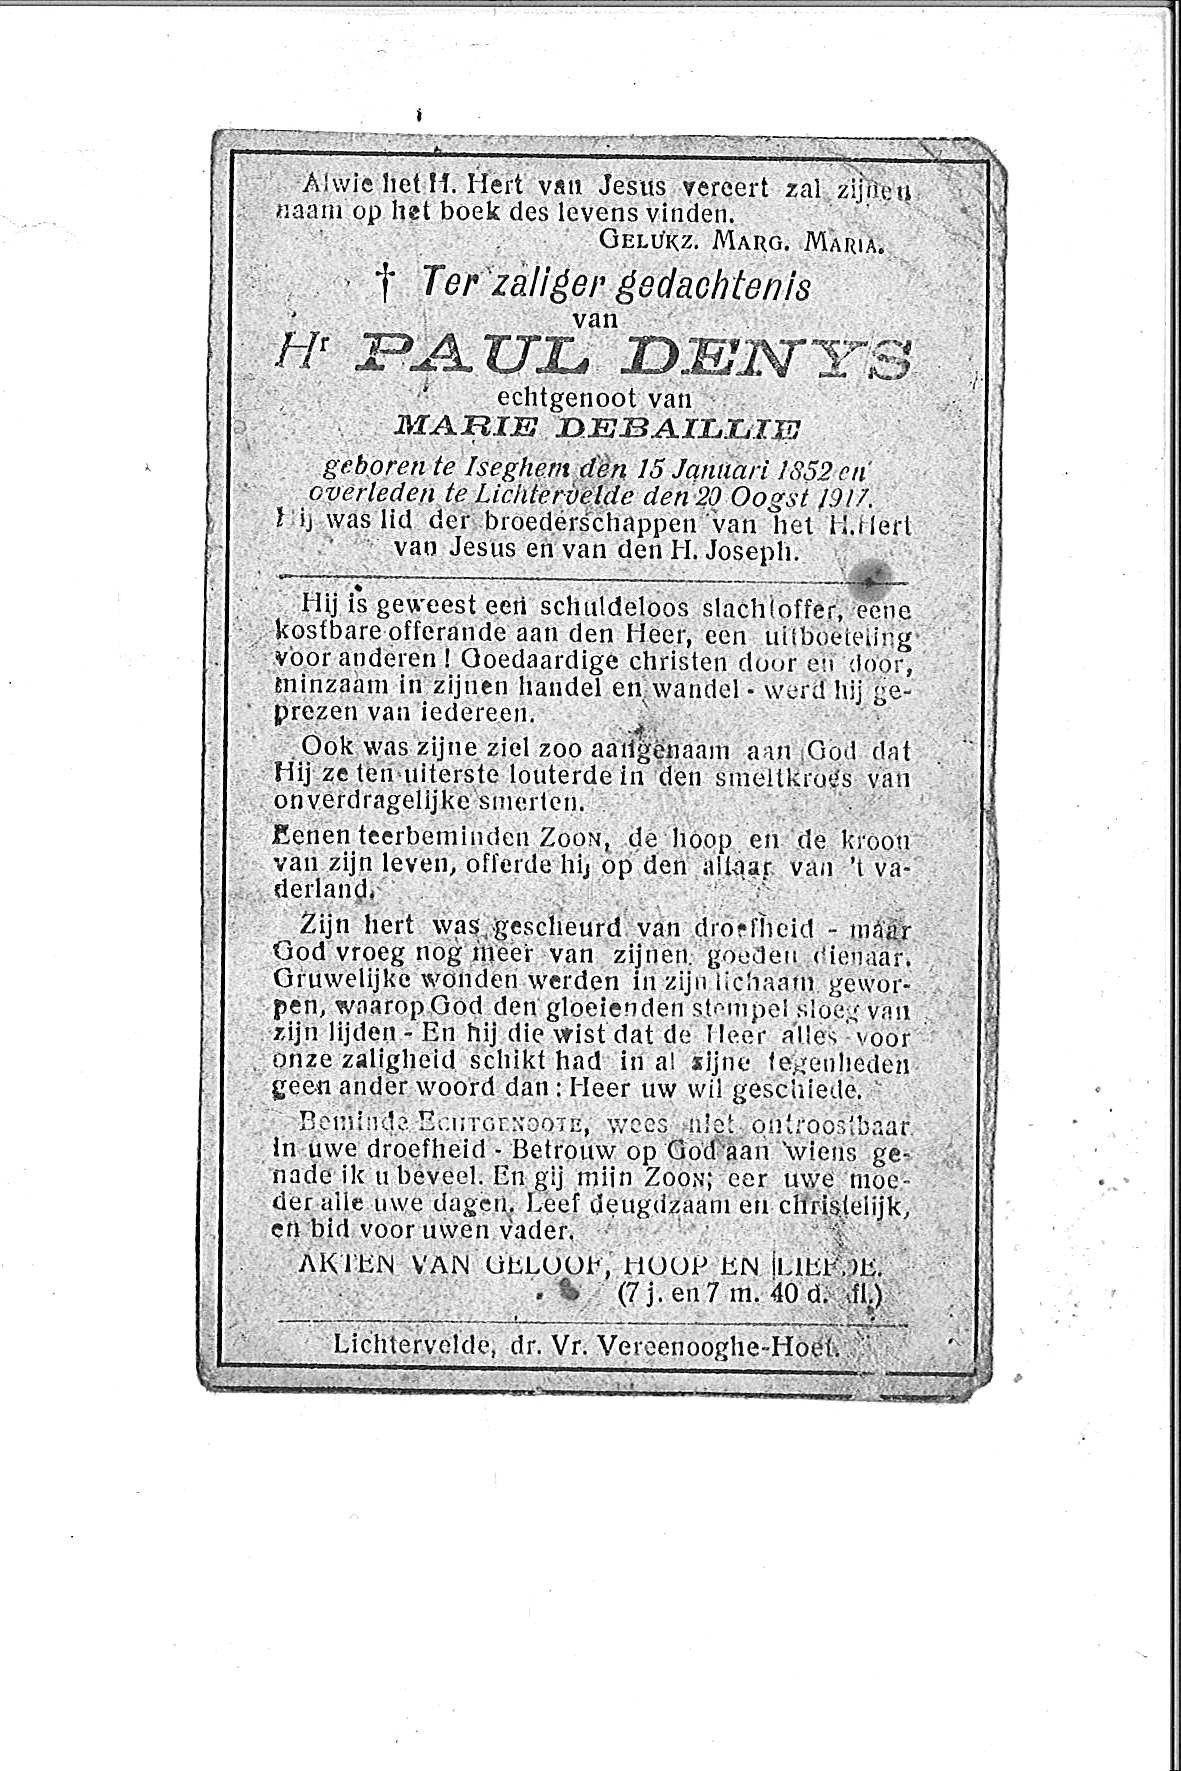 Paul(1917)20150415130638_00002.jpg